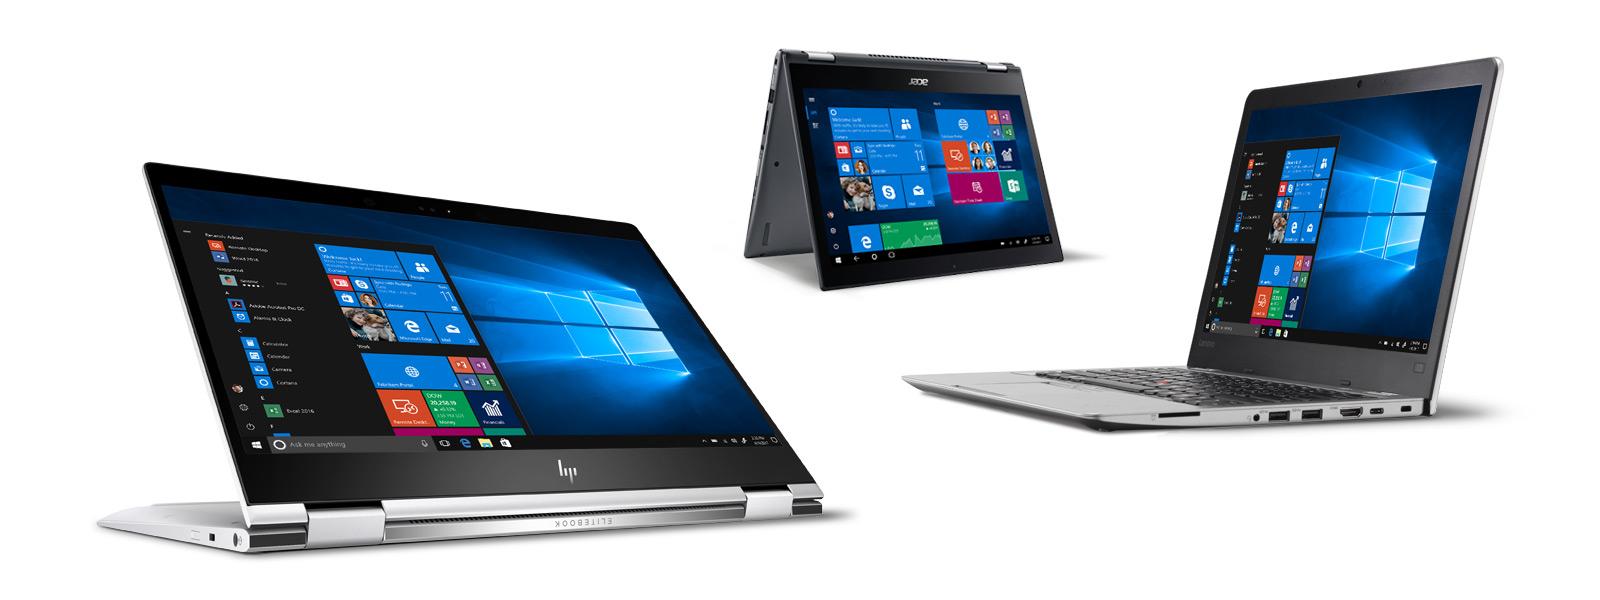 Divers ordinateurs portables affichant Windows 10